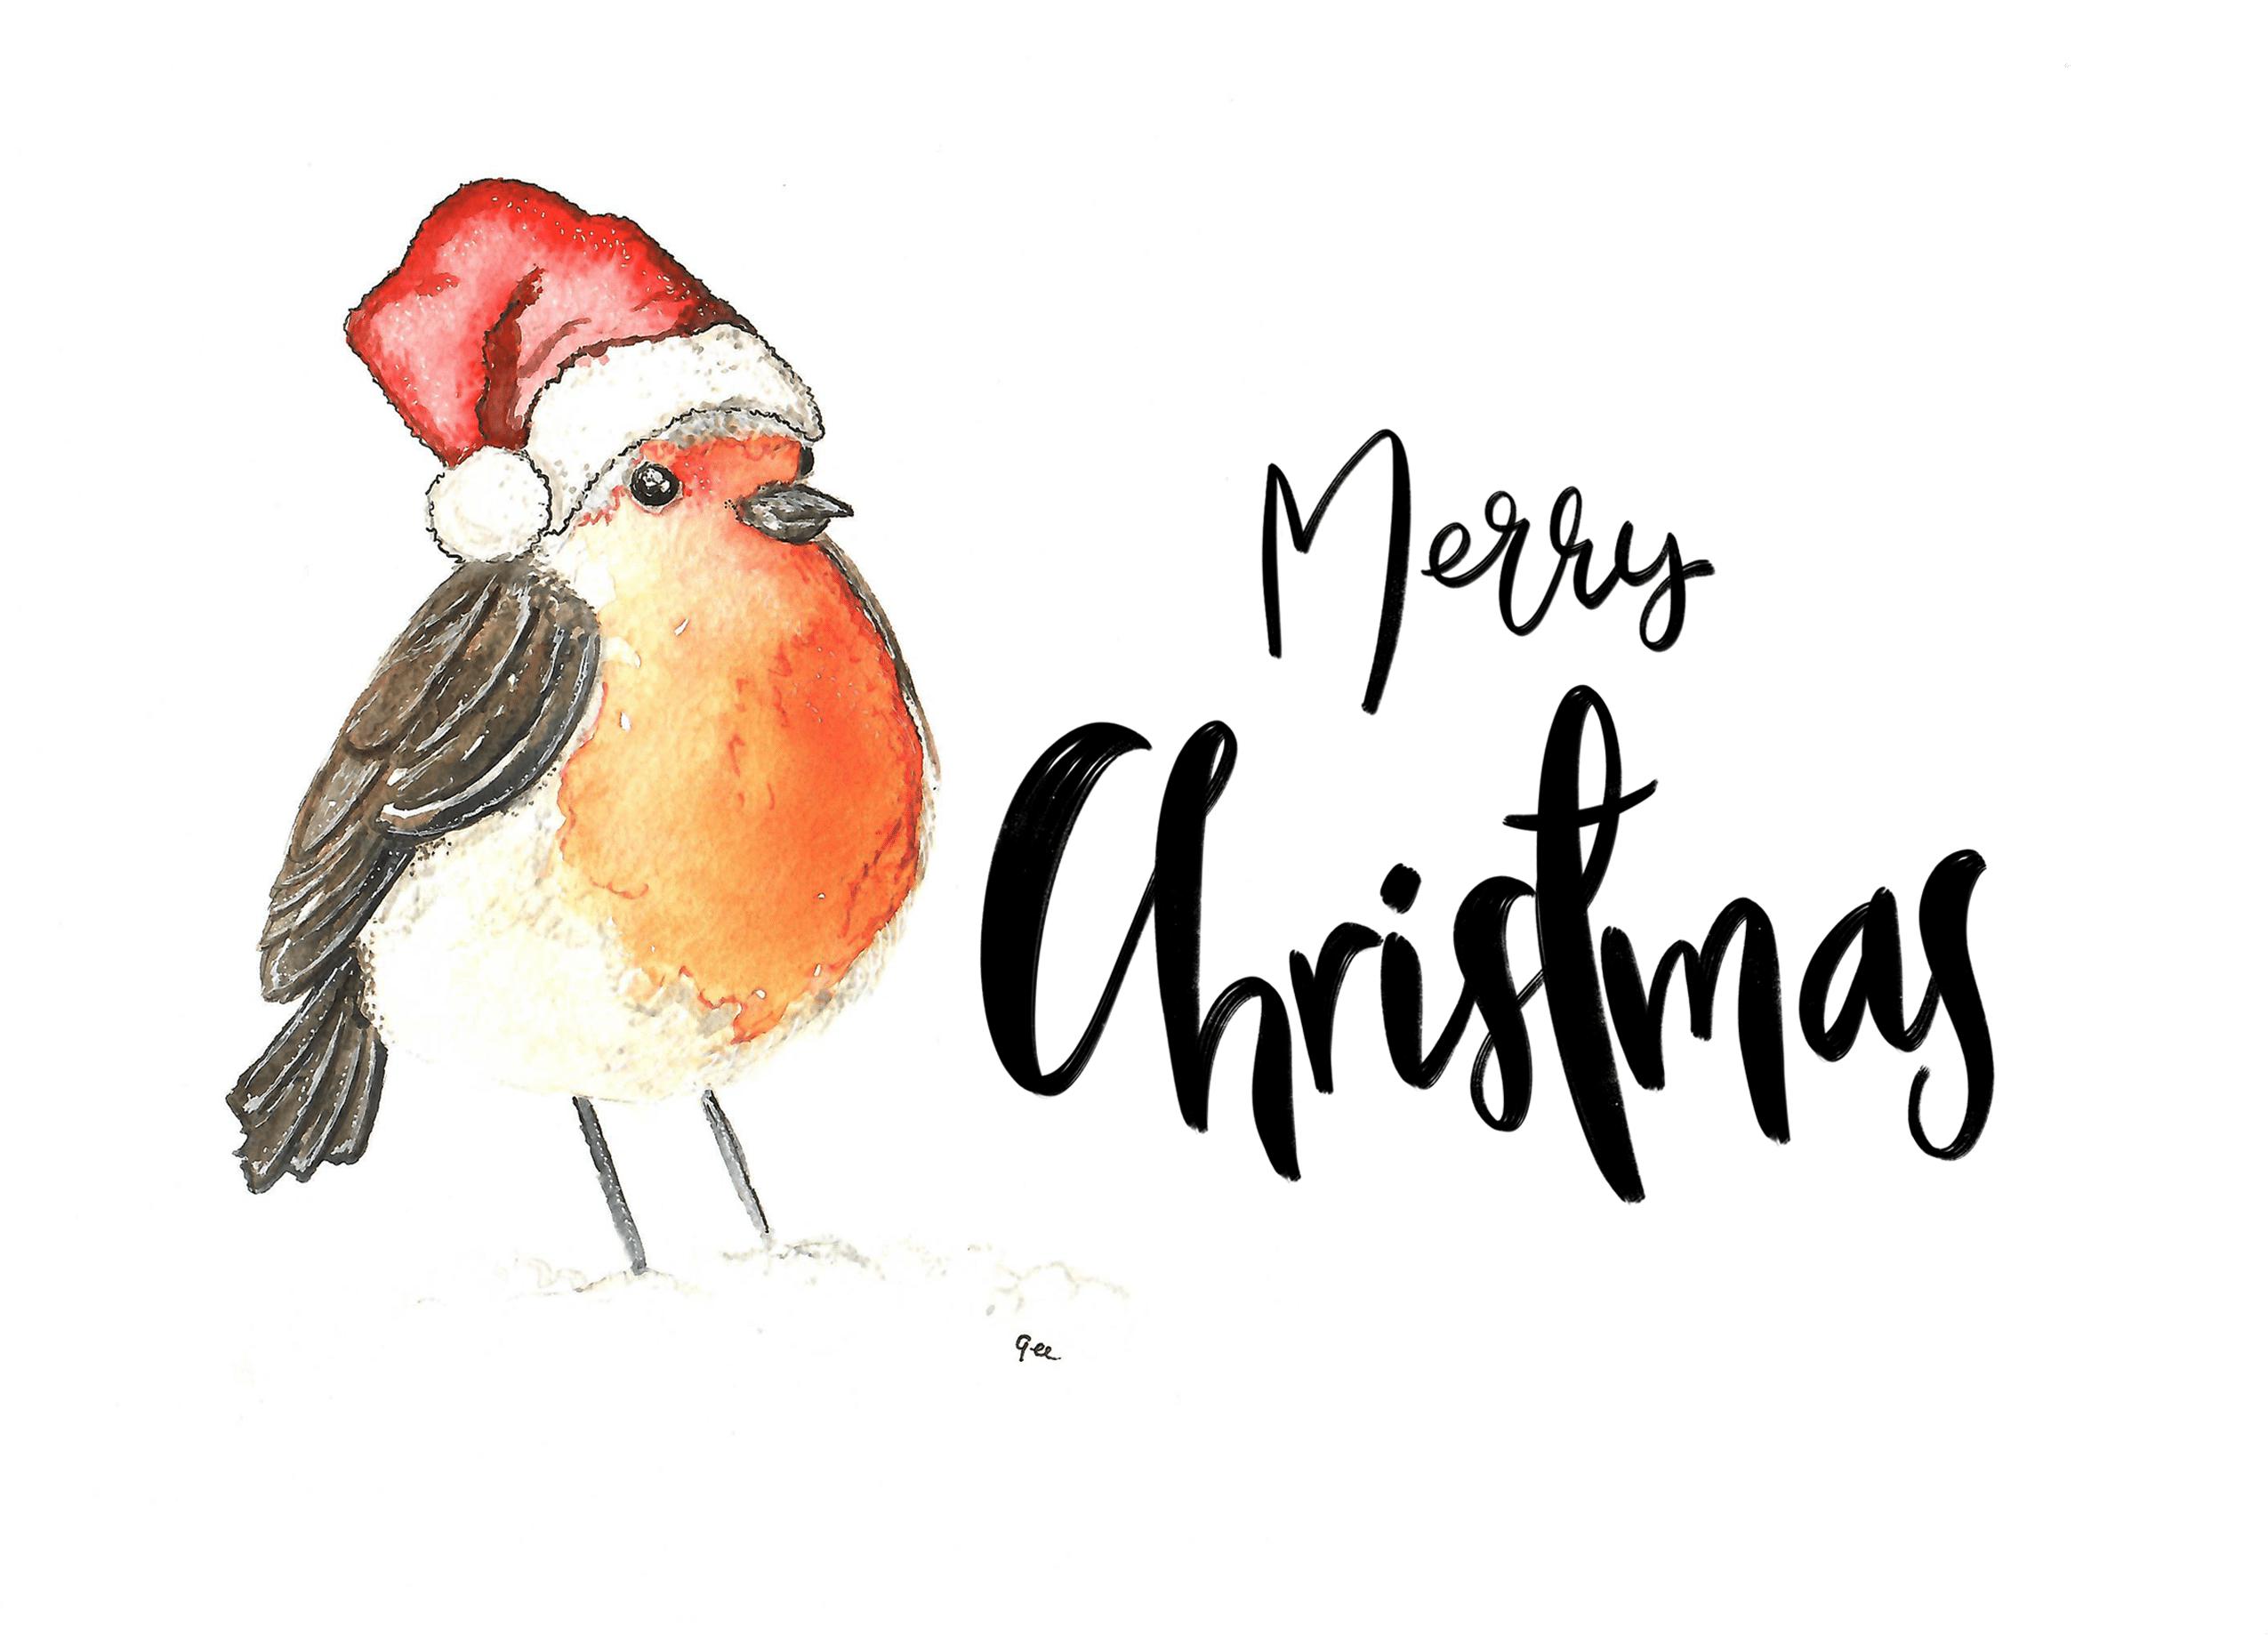 kerstkaart ansichtkaart postkaart print kerstmuts kerstmis kerst roodborstje vogel